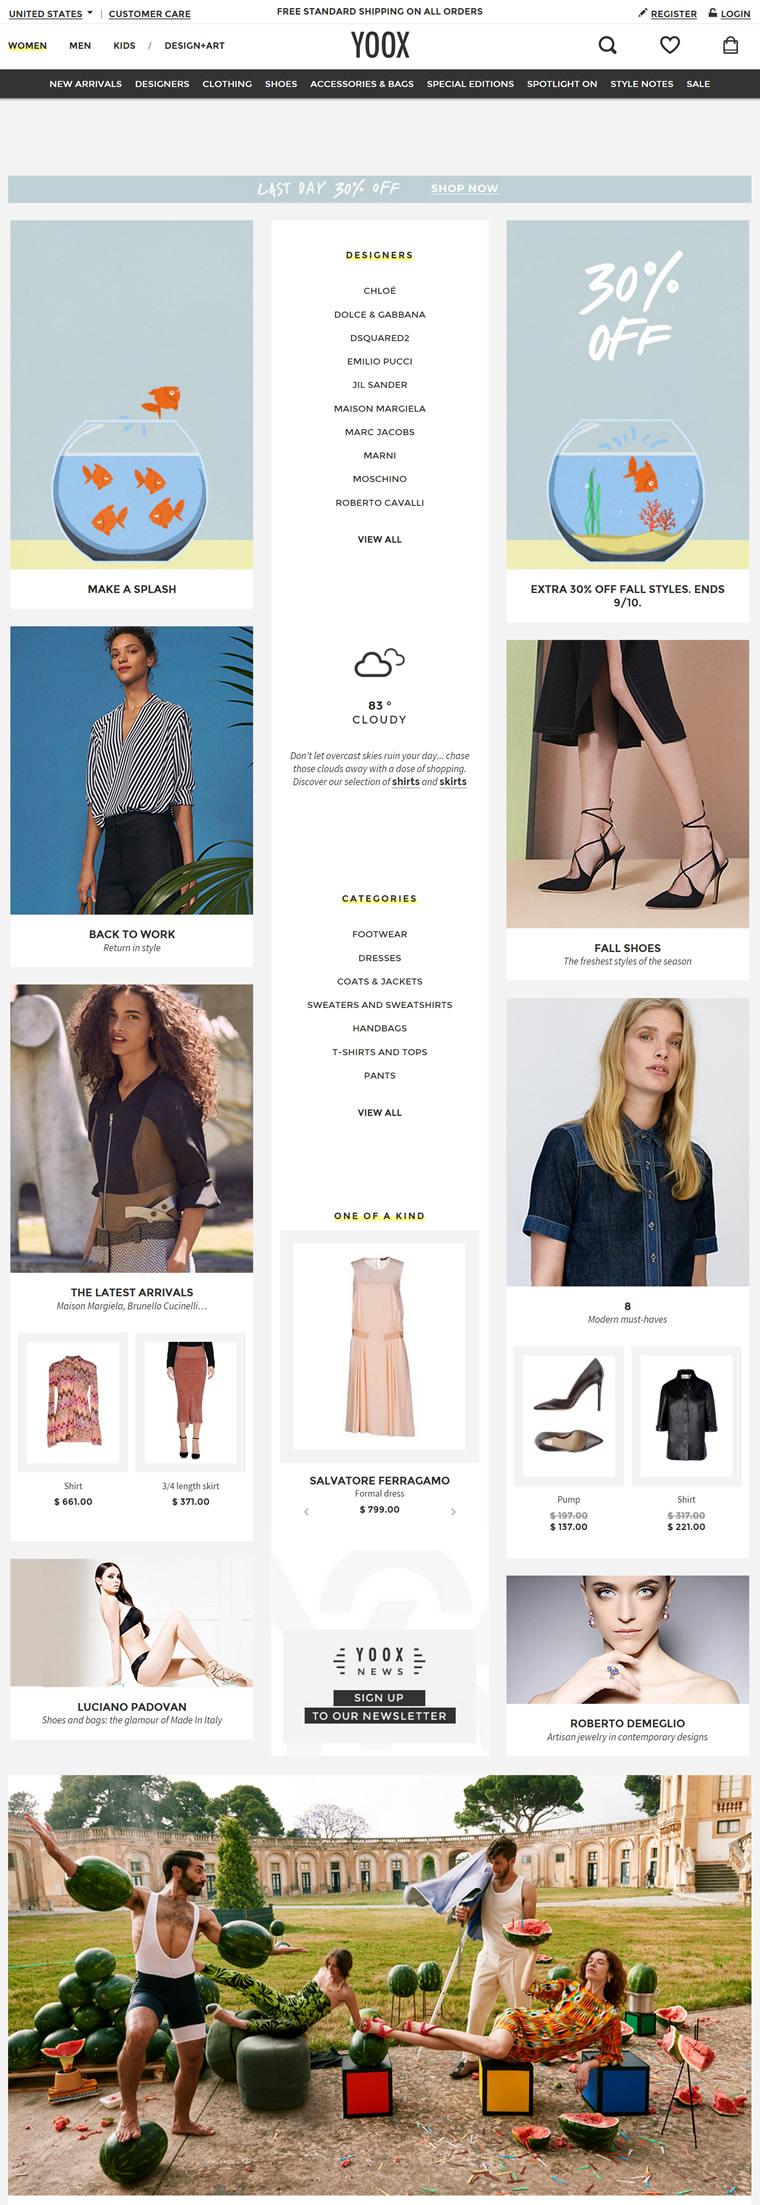 YOOX美国官方网站:全球著名的多品牌时尚网络概念店